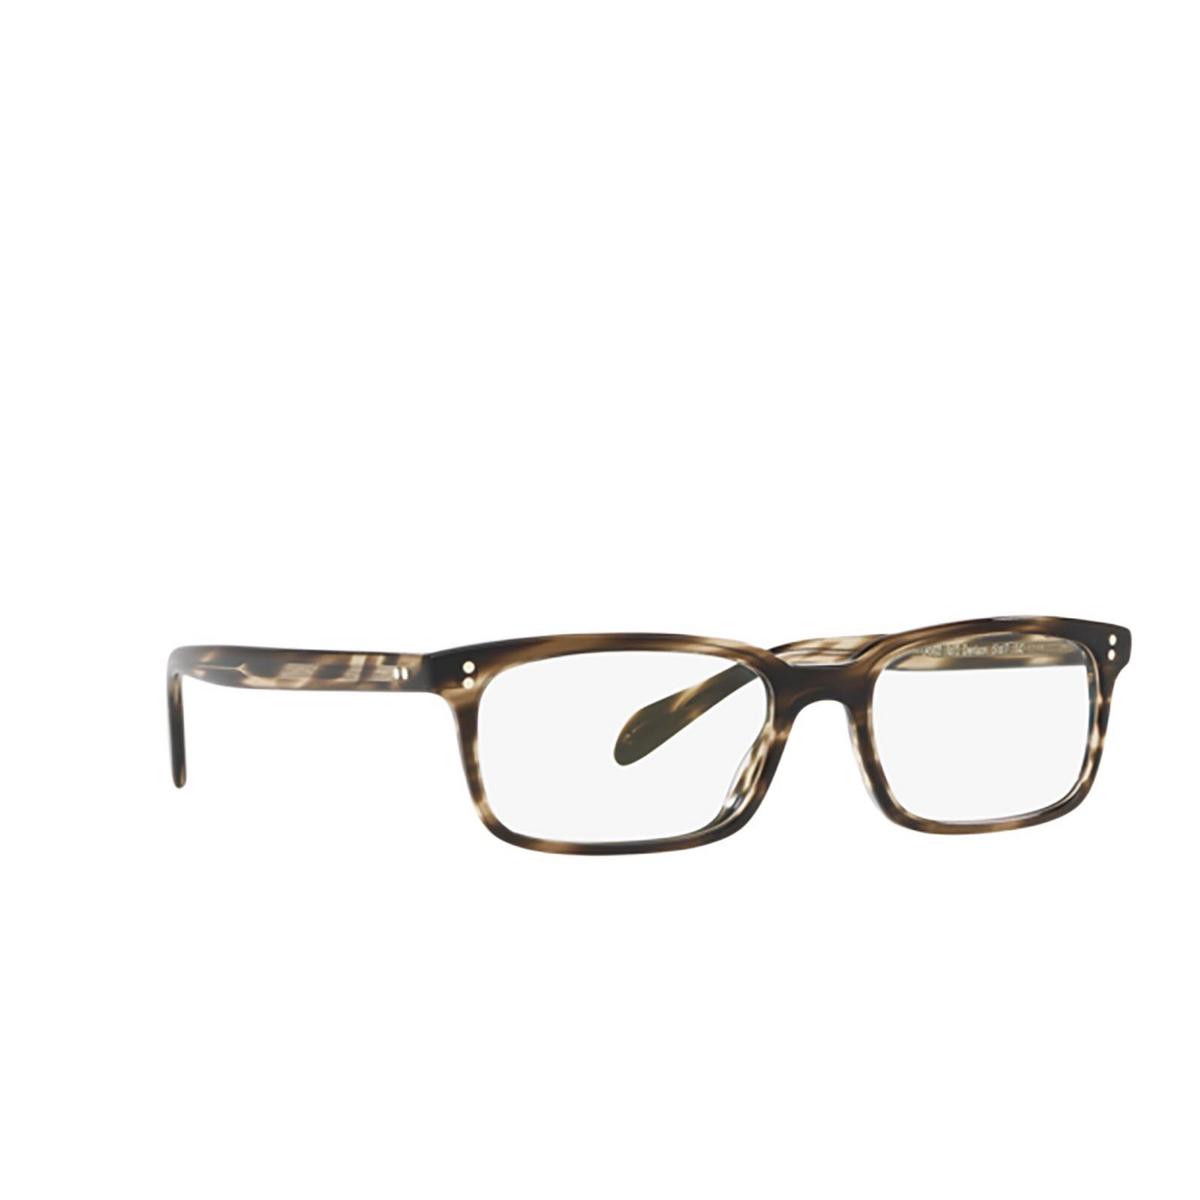 Oliver Peoples® Rectangle Eyeglasses: Denison OV5102 color Cinder Cocobolo 1612 - three-quarters view.